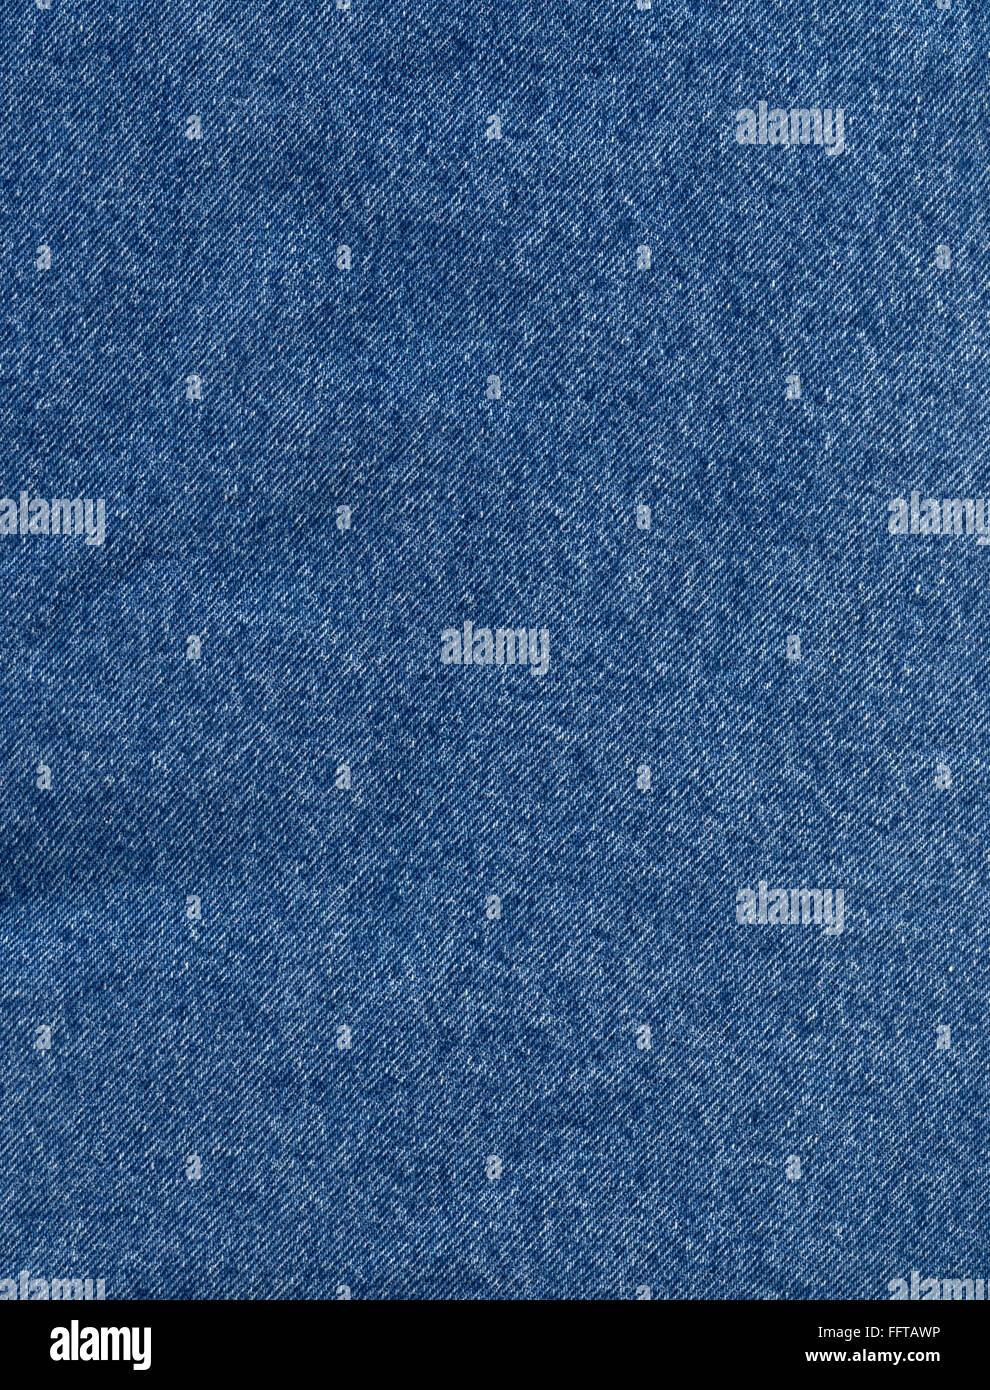 Jeans Jeansstoff Stoff Hintergrund Struktur Hintergrund Abstrakt Gründung Kleidung Klamotten Blau Canvas Nahaufnahme Stockbild